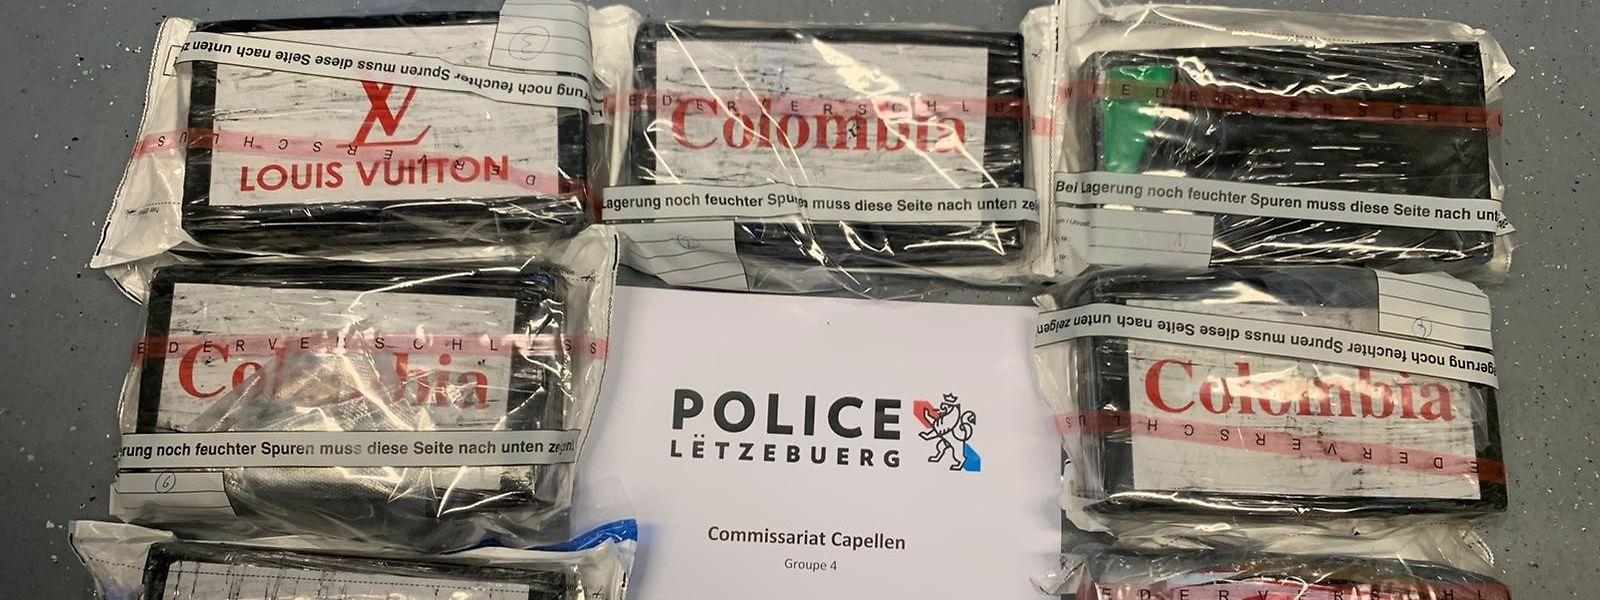 Louis Vuitton oder nur Colombia? Der Reinheitsgrad des beschlagnahmten Kokains war sehr unterschiedlich: Er lag zwischen 47,8 und 94,6 Prozent.